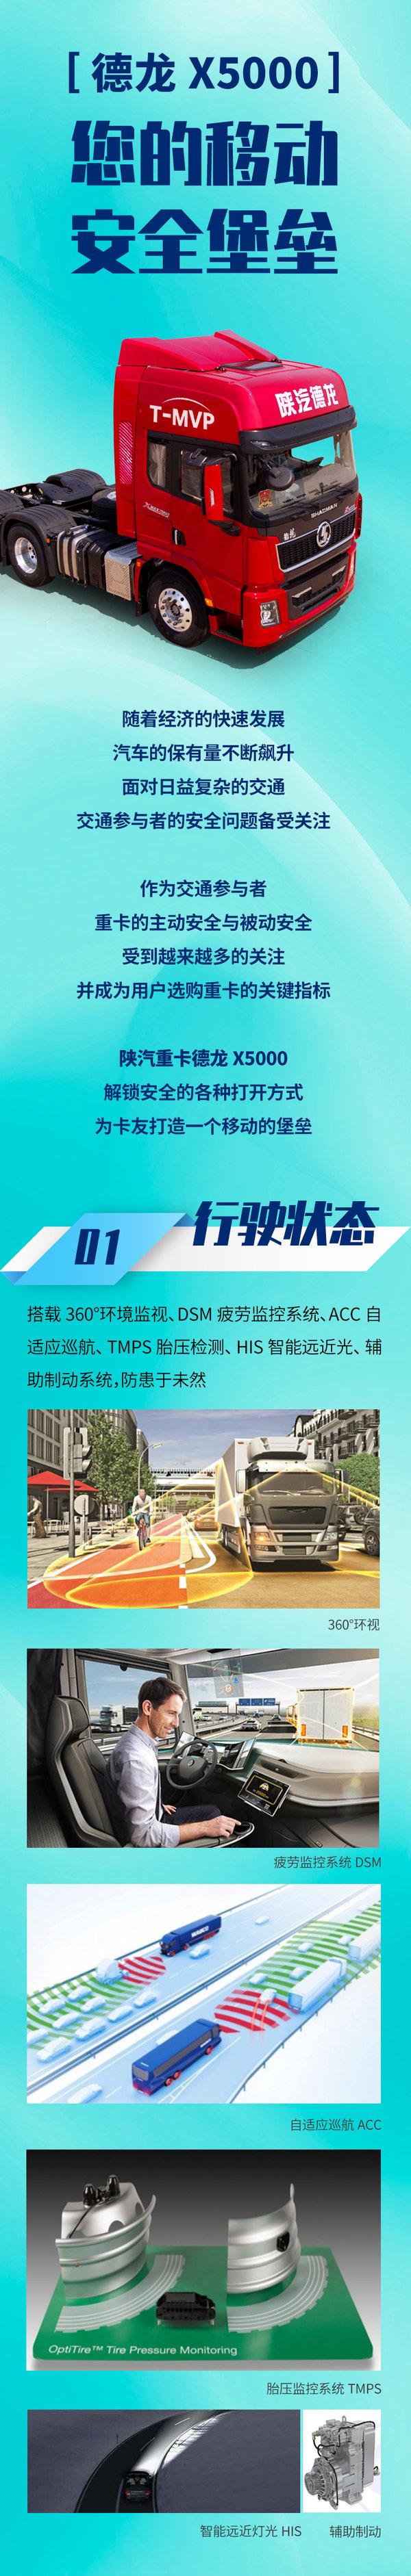 陕汽重卡:德龙X5000您的移动安全堡垒